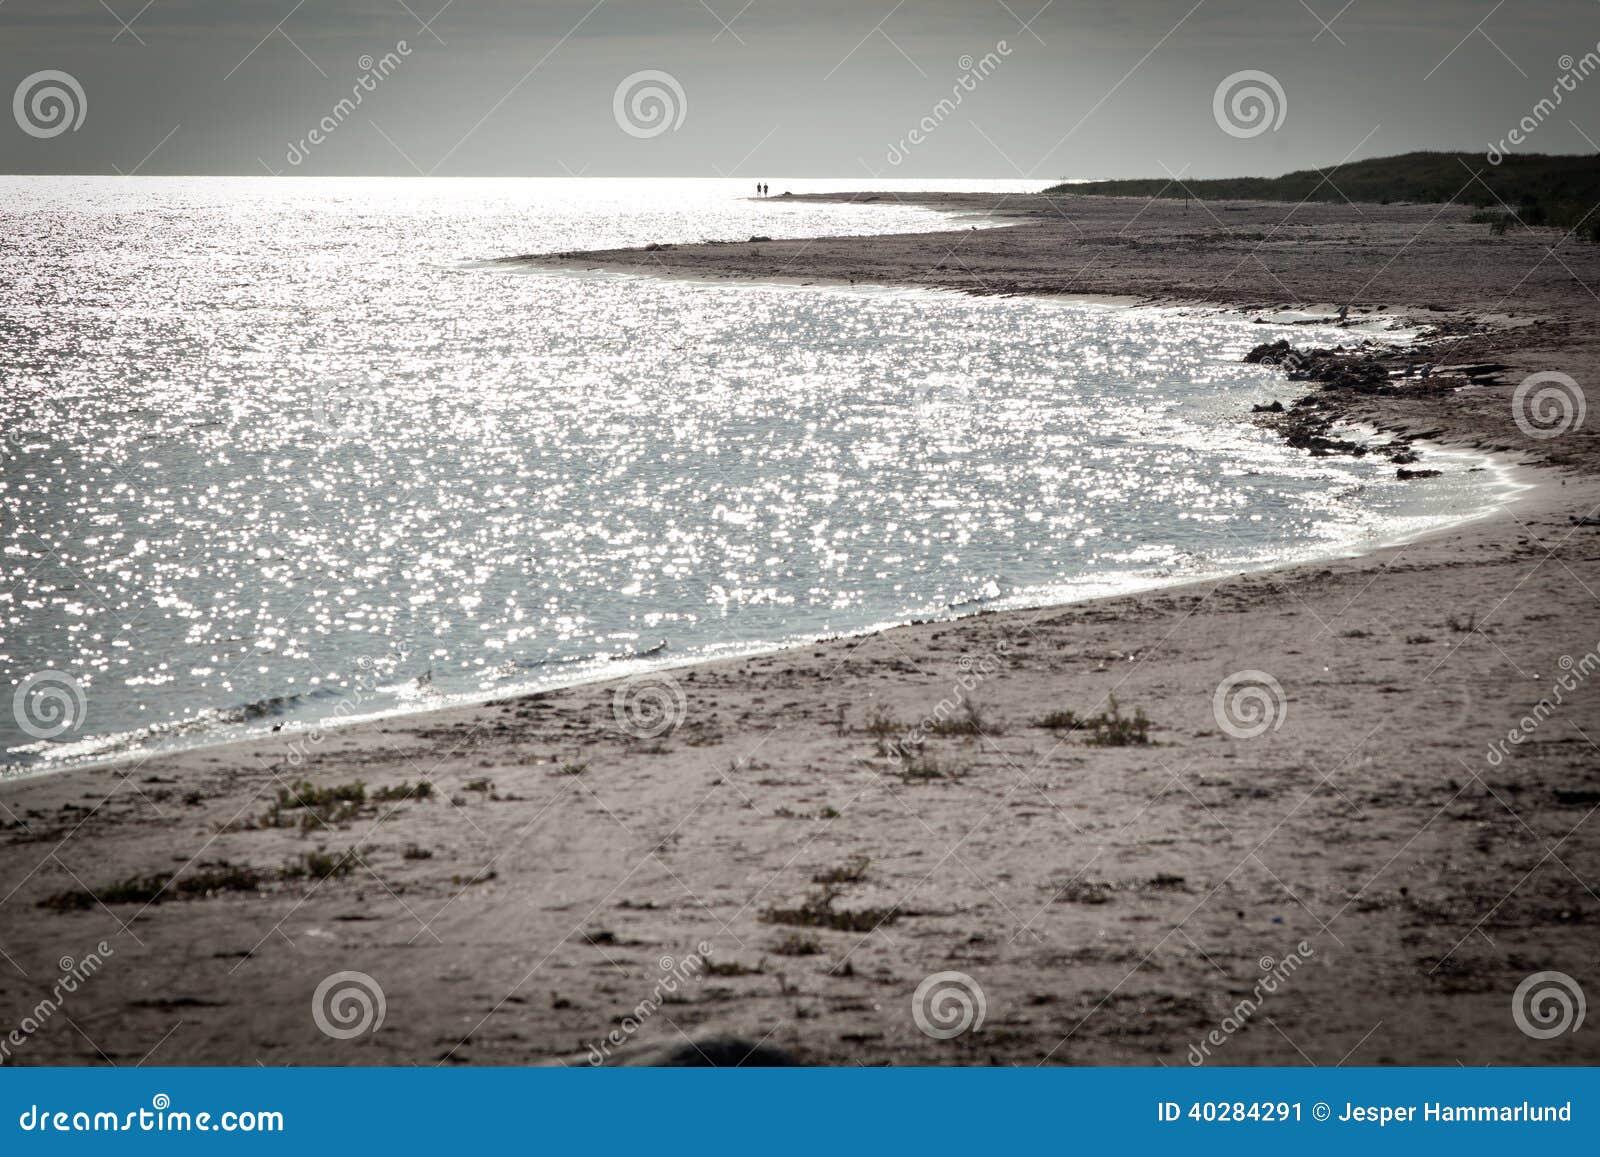 Langer Sandstrand auf der Insel von Faro in Schweden